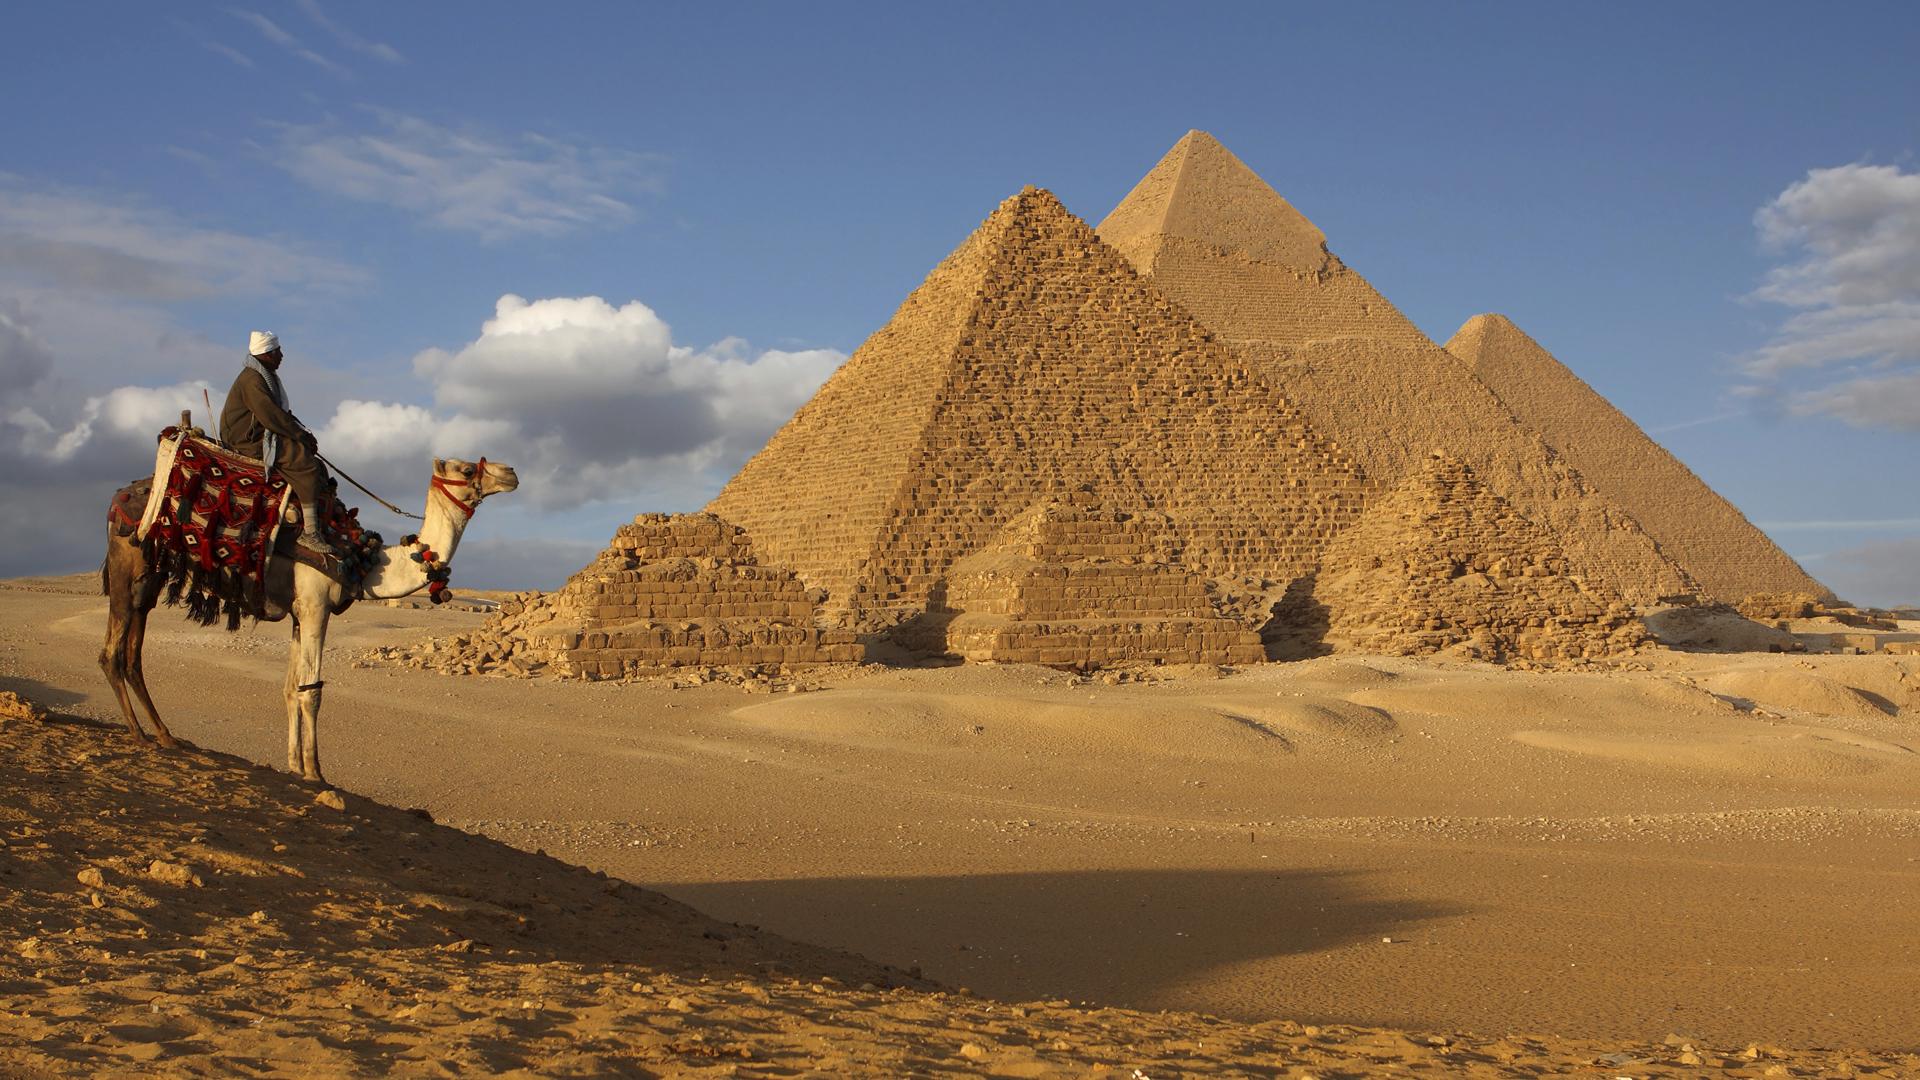 Mjesta za upoznavanje u Egiptu